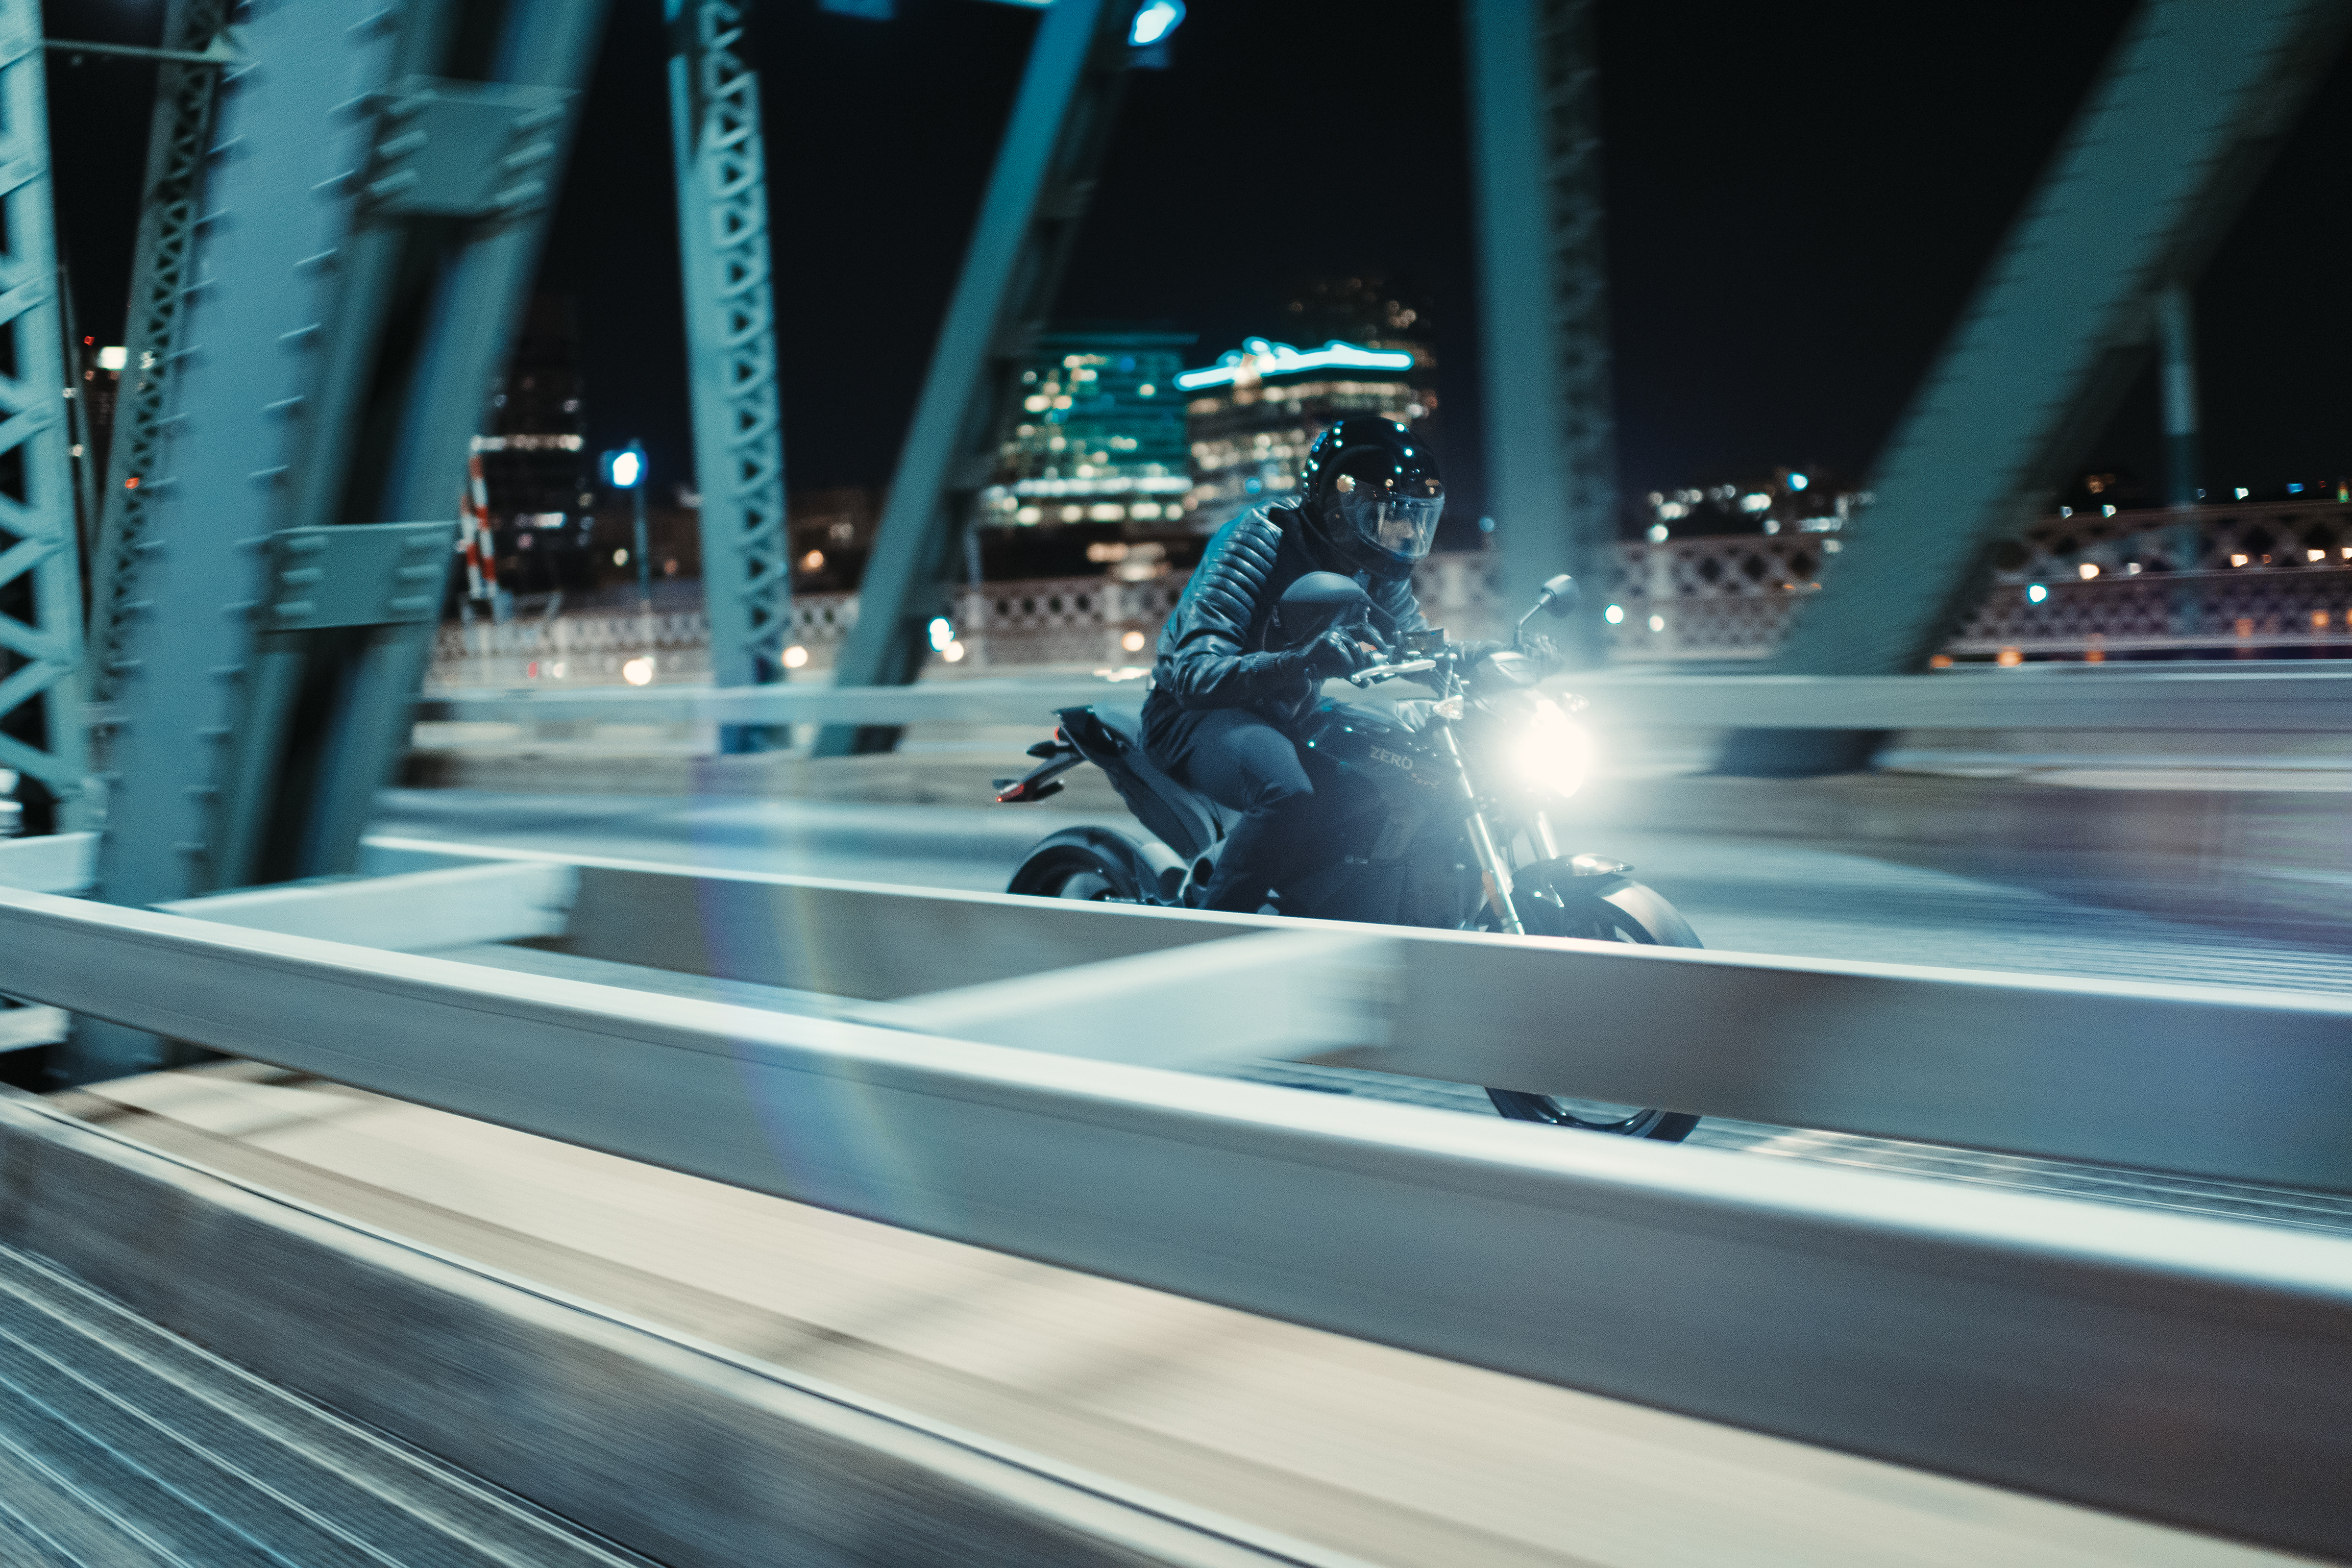 2019 Zero SR Electric Motorcycle: